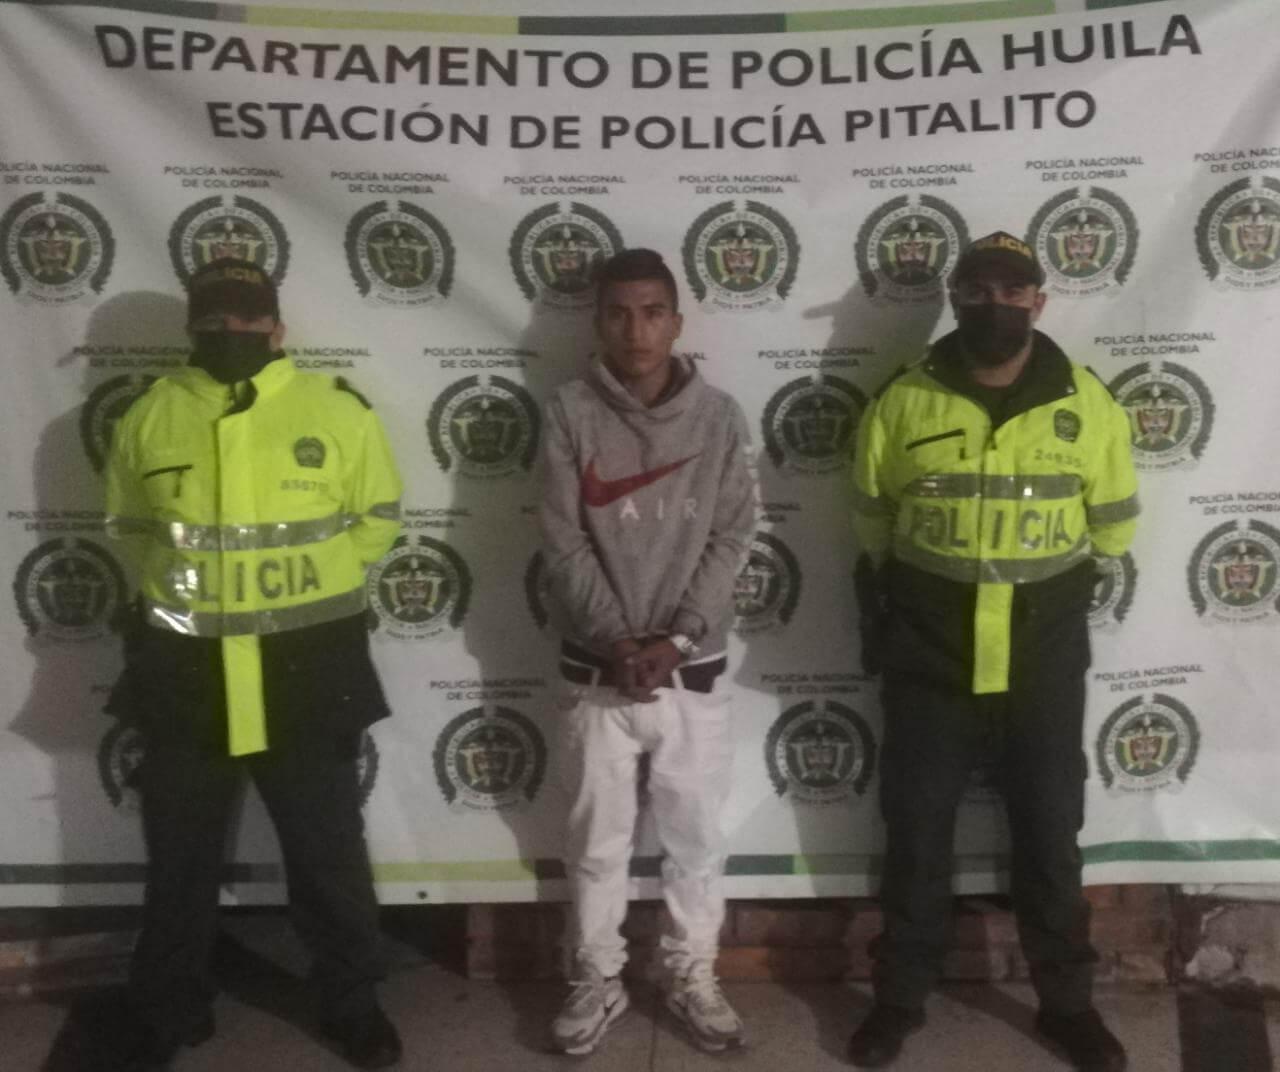 Asesinó a un adolescente de 14 años en Pitalito